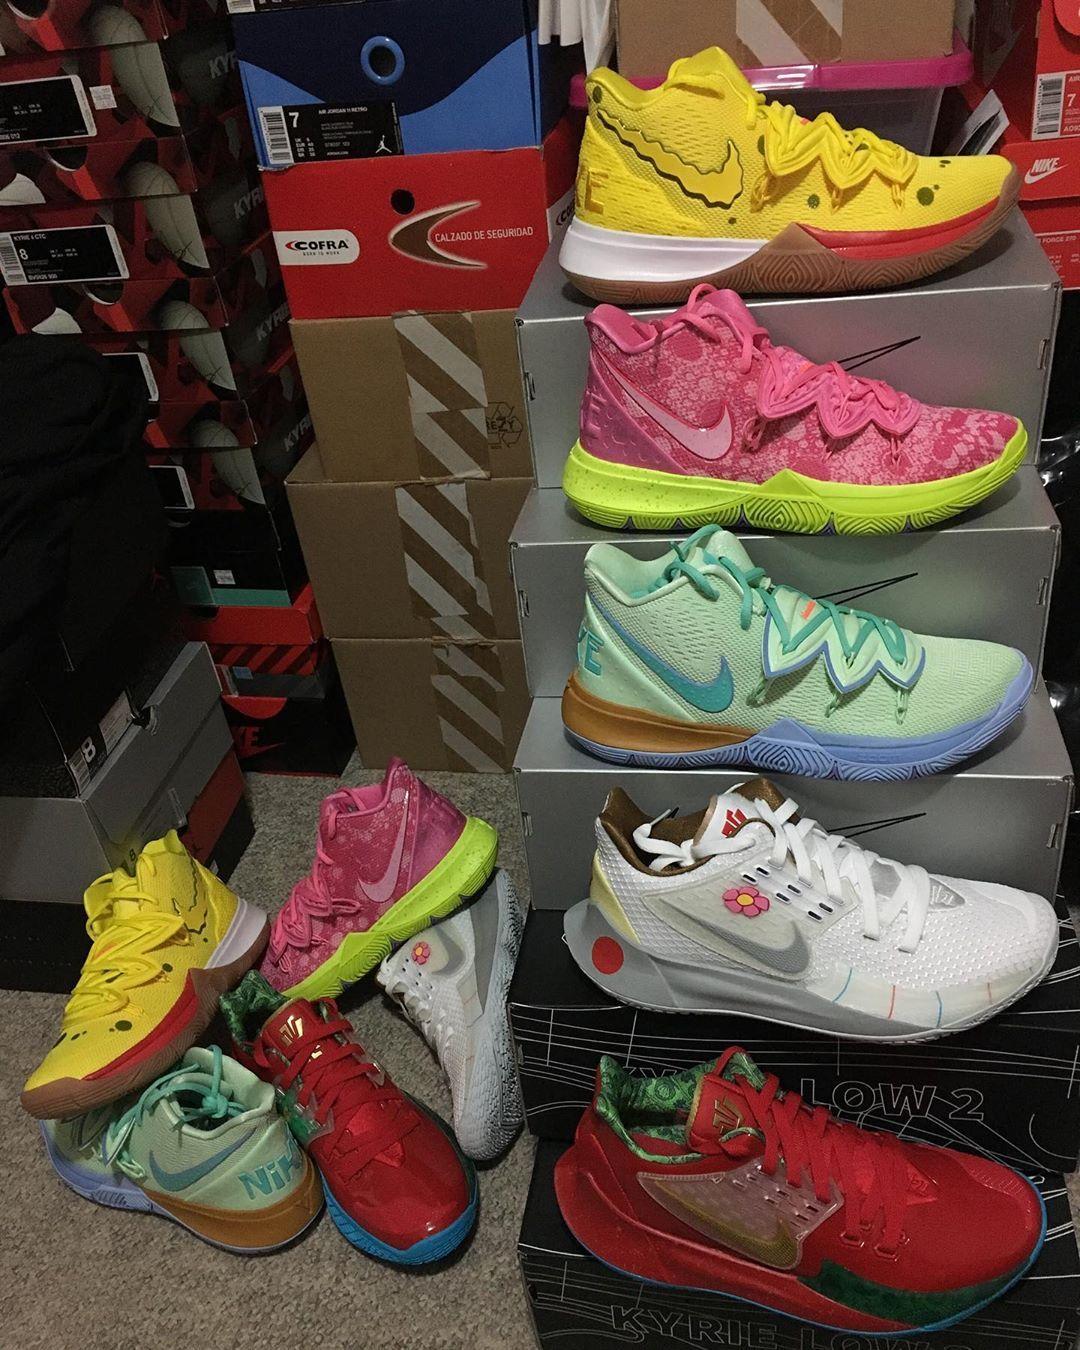 Kyrie 5 Spongebob Squarepants Zapatos Nike Zapatos Deportivos